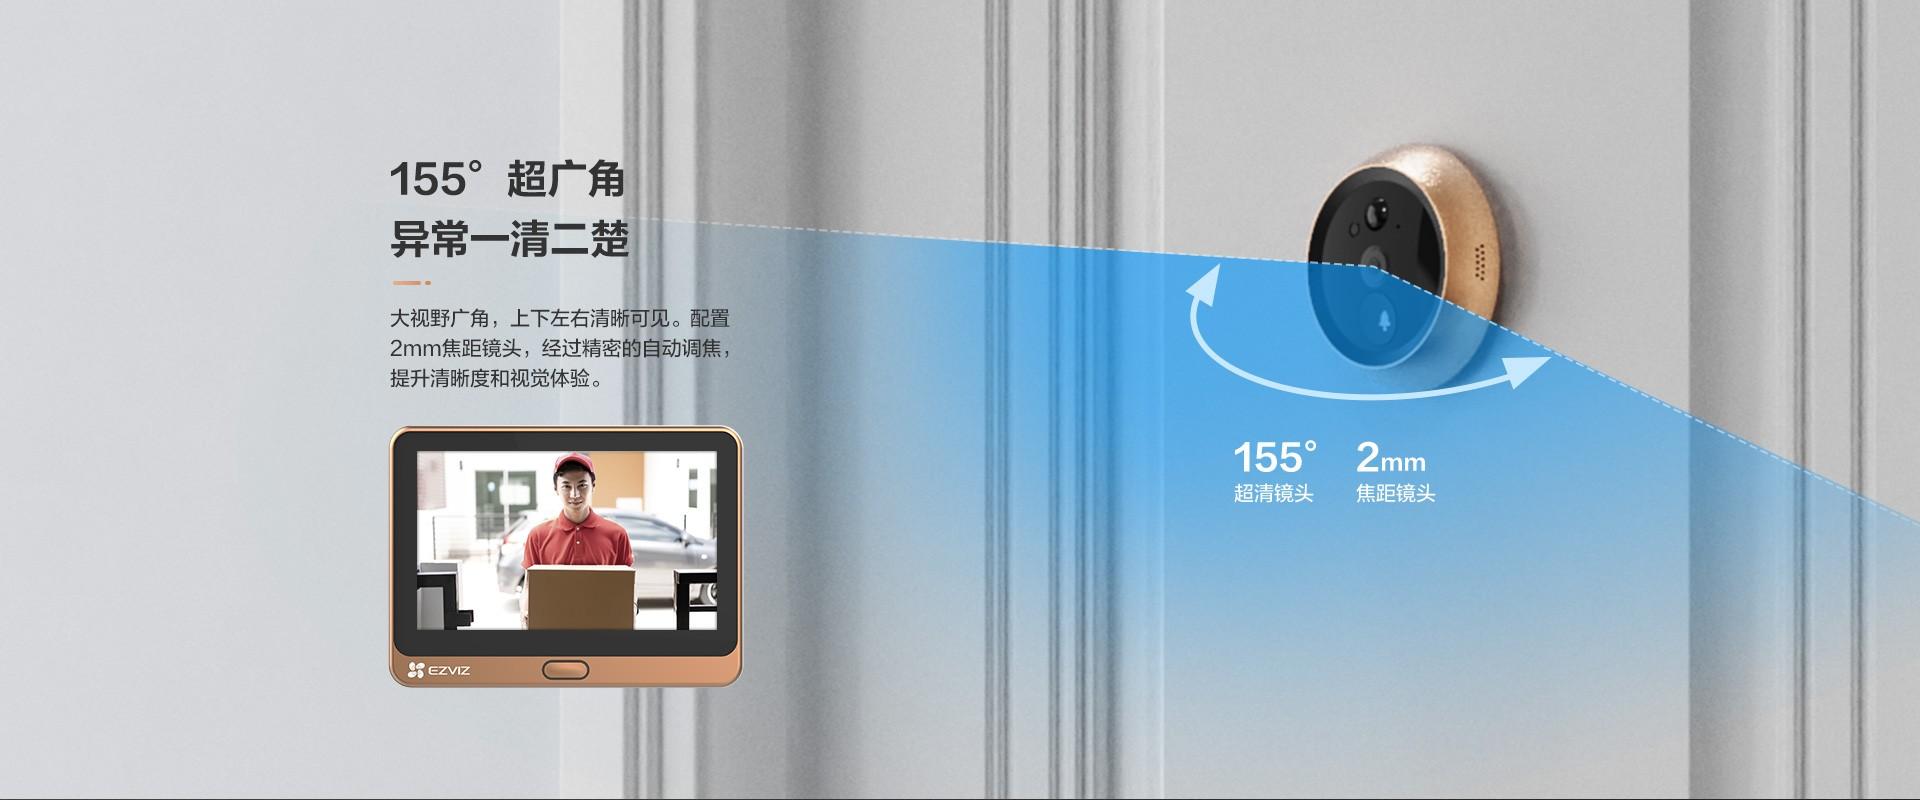 DP2C-web_05.jpg